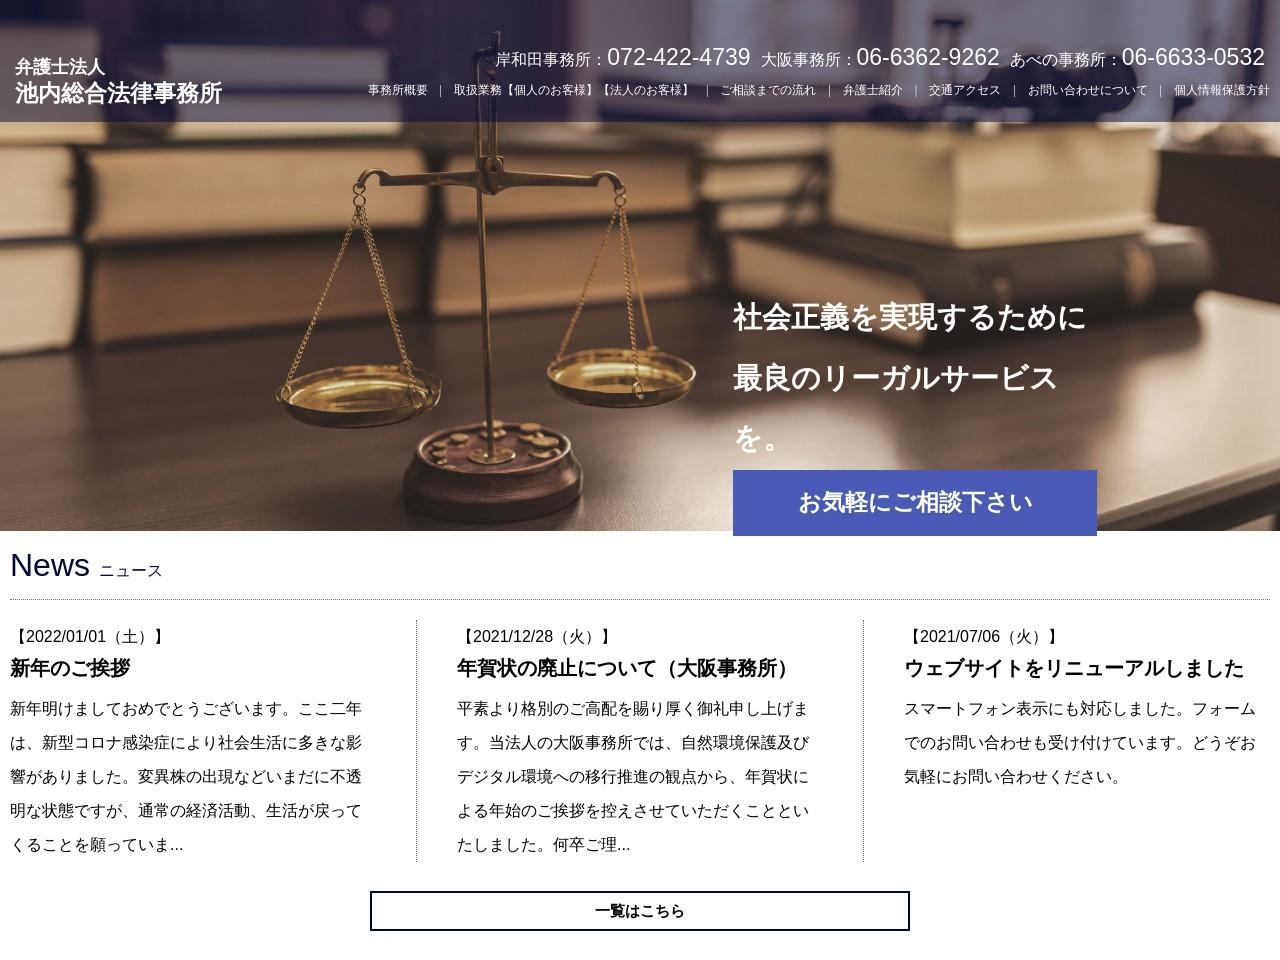 池内総合法律事務所(弁護士法人)